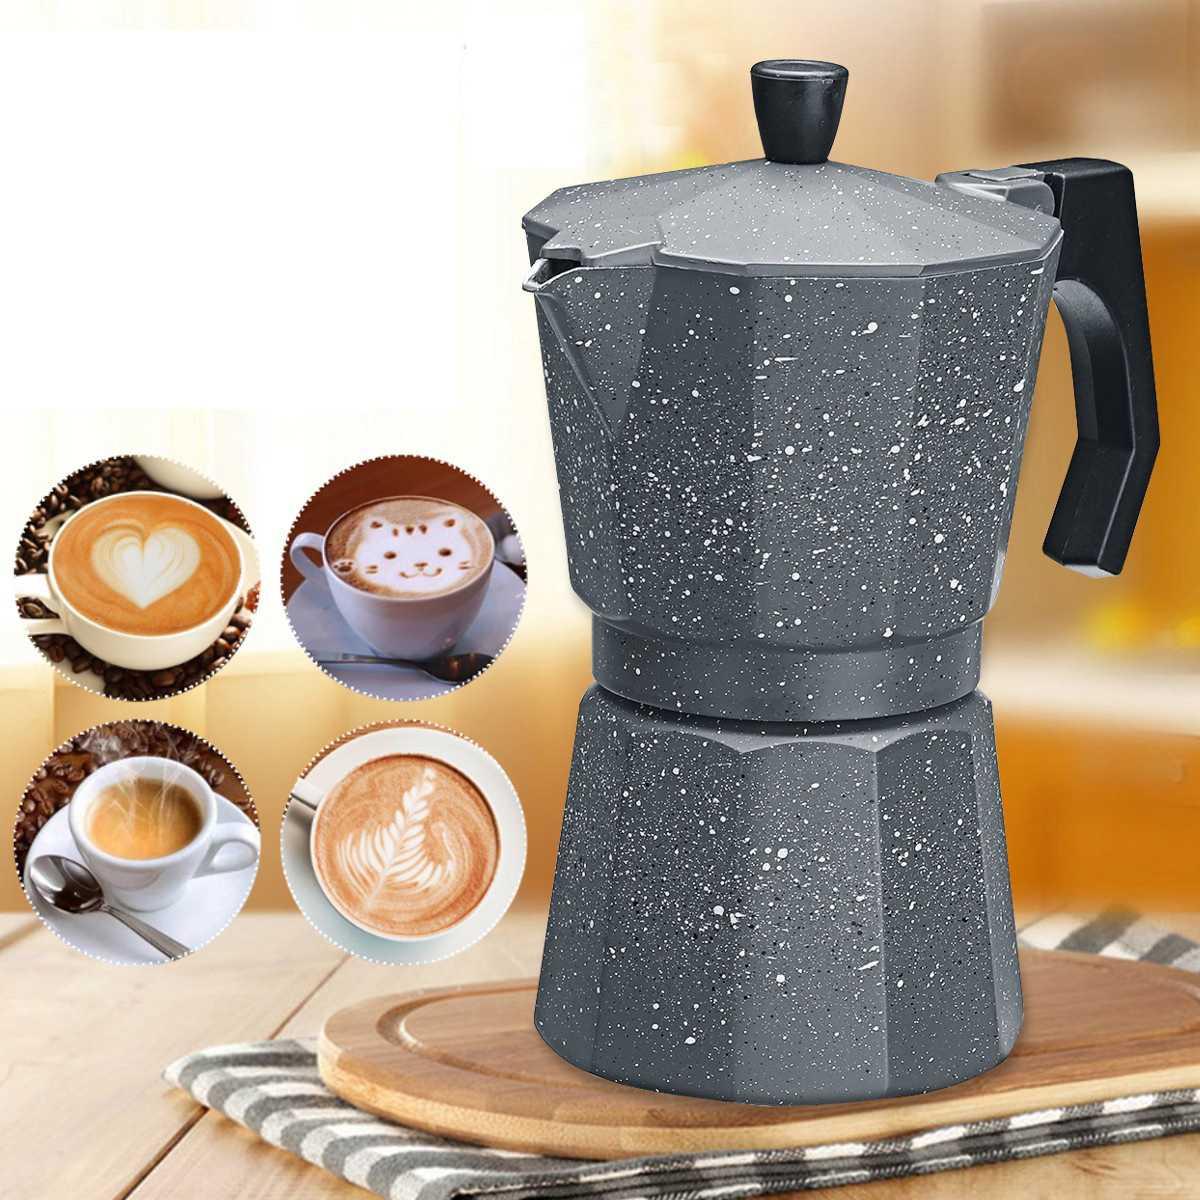 300ml 6 xícaras mocha italiana máquina de café durável moka cafeteira expresso percolador pote prático alumínio moka pote café ferramenta